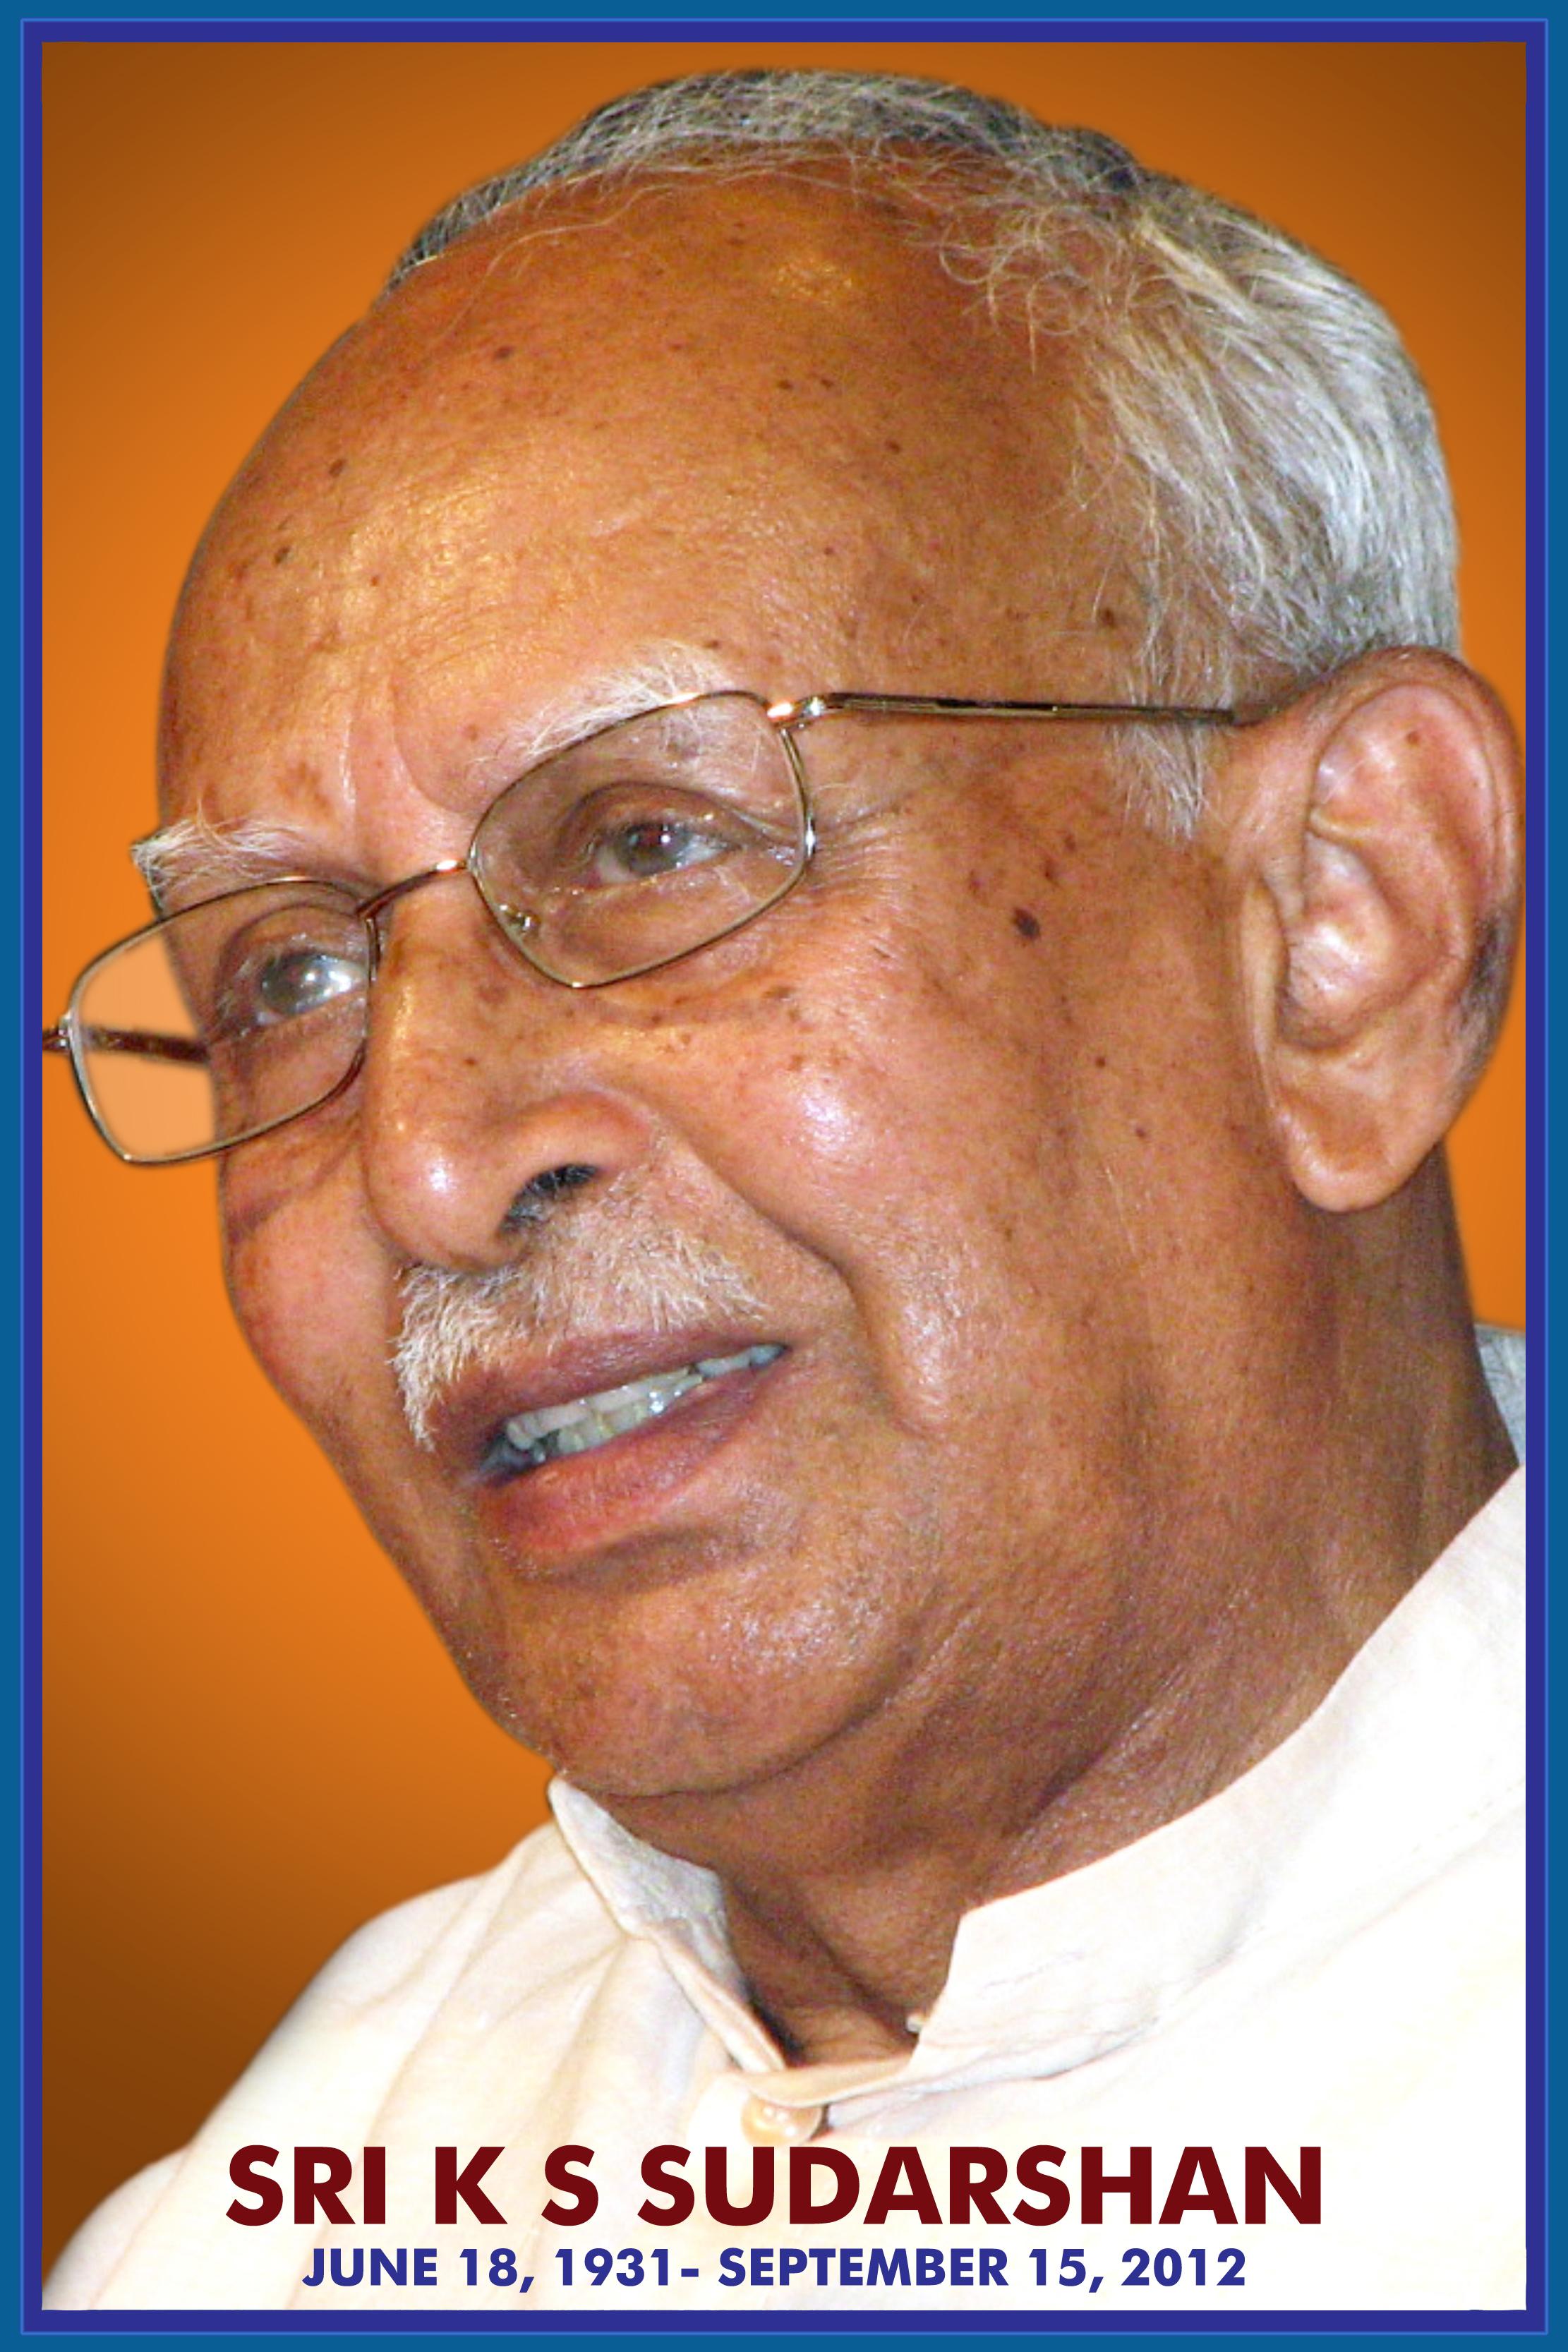 KS Sudarshan, RSS Former Sarasanghachalak